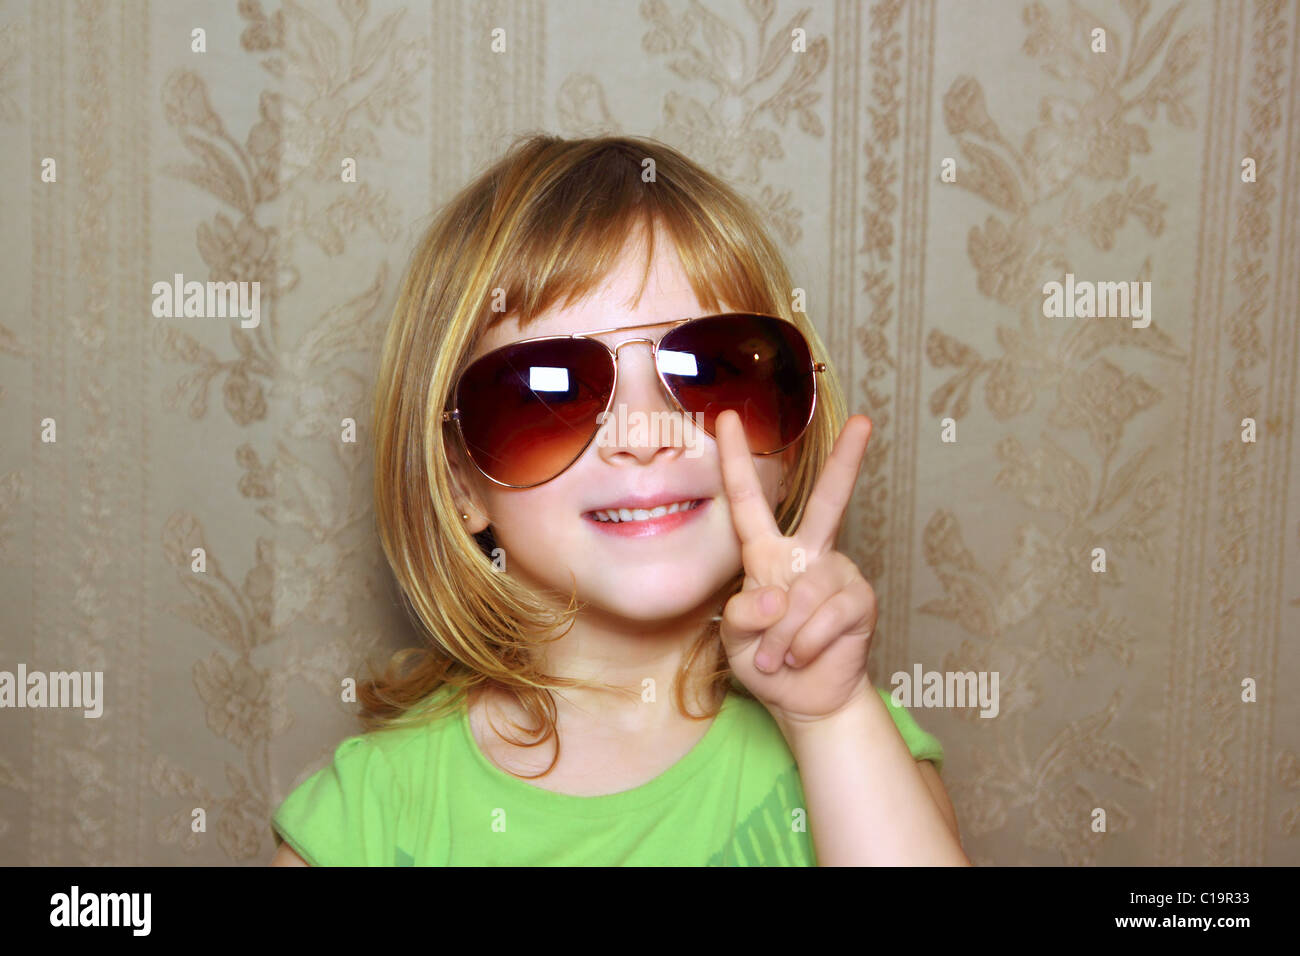 kleine Mädchen lustige Sonnenbrillen Retrotapeten Sieg Geste die Hand Stockbild